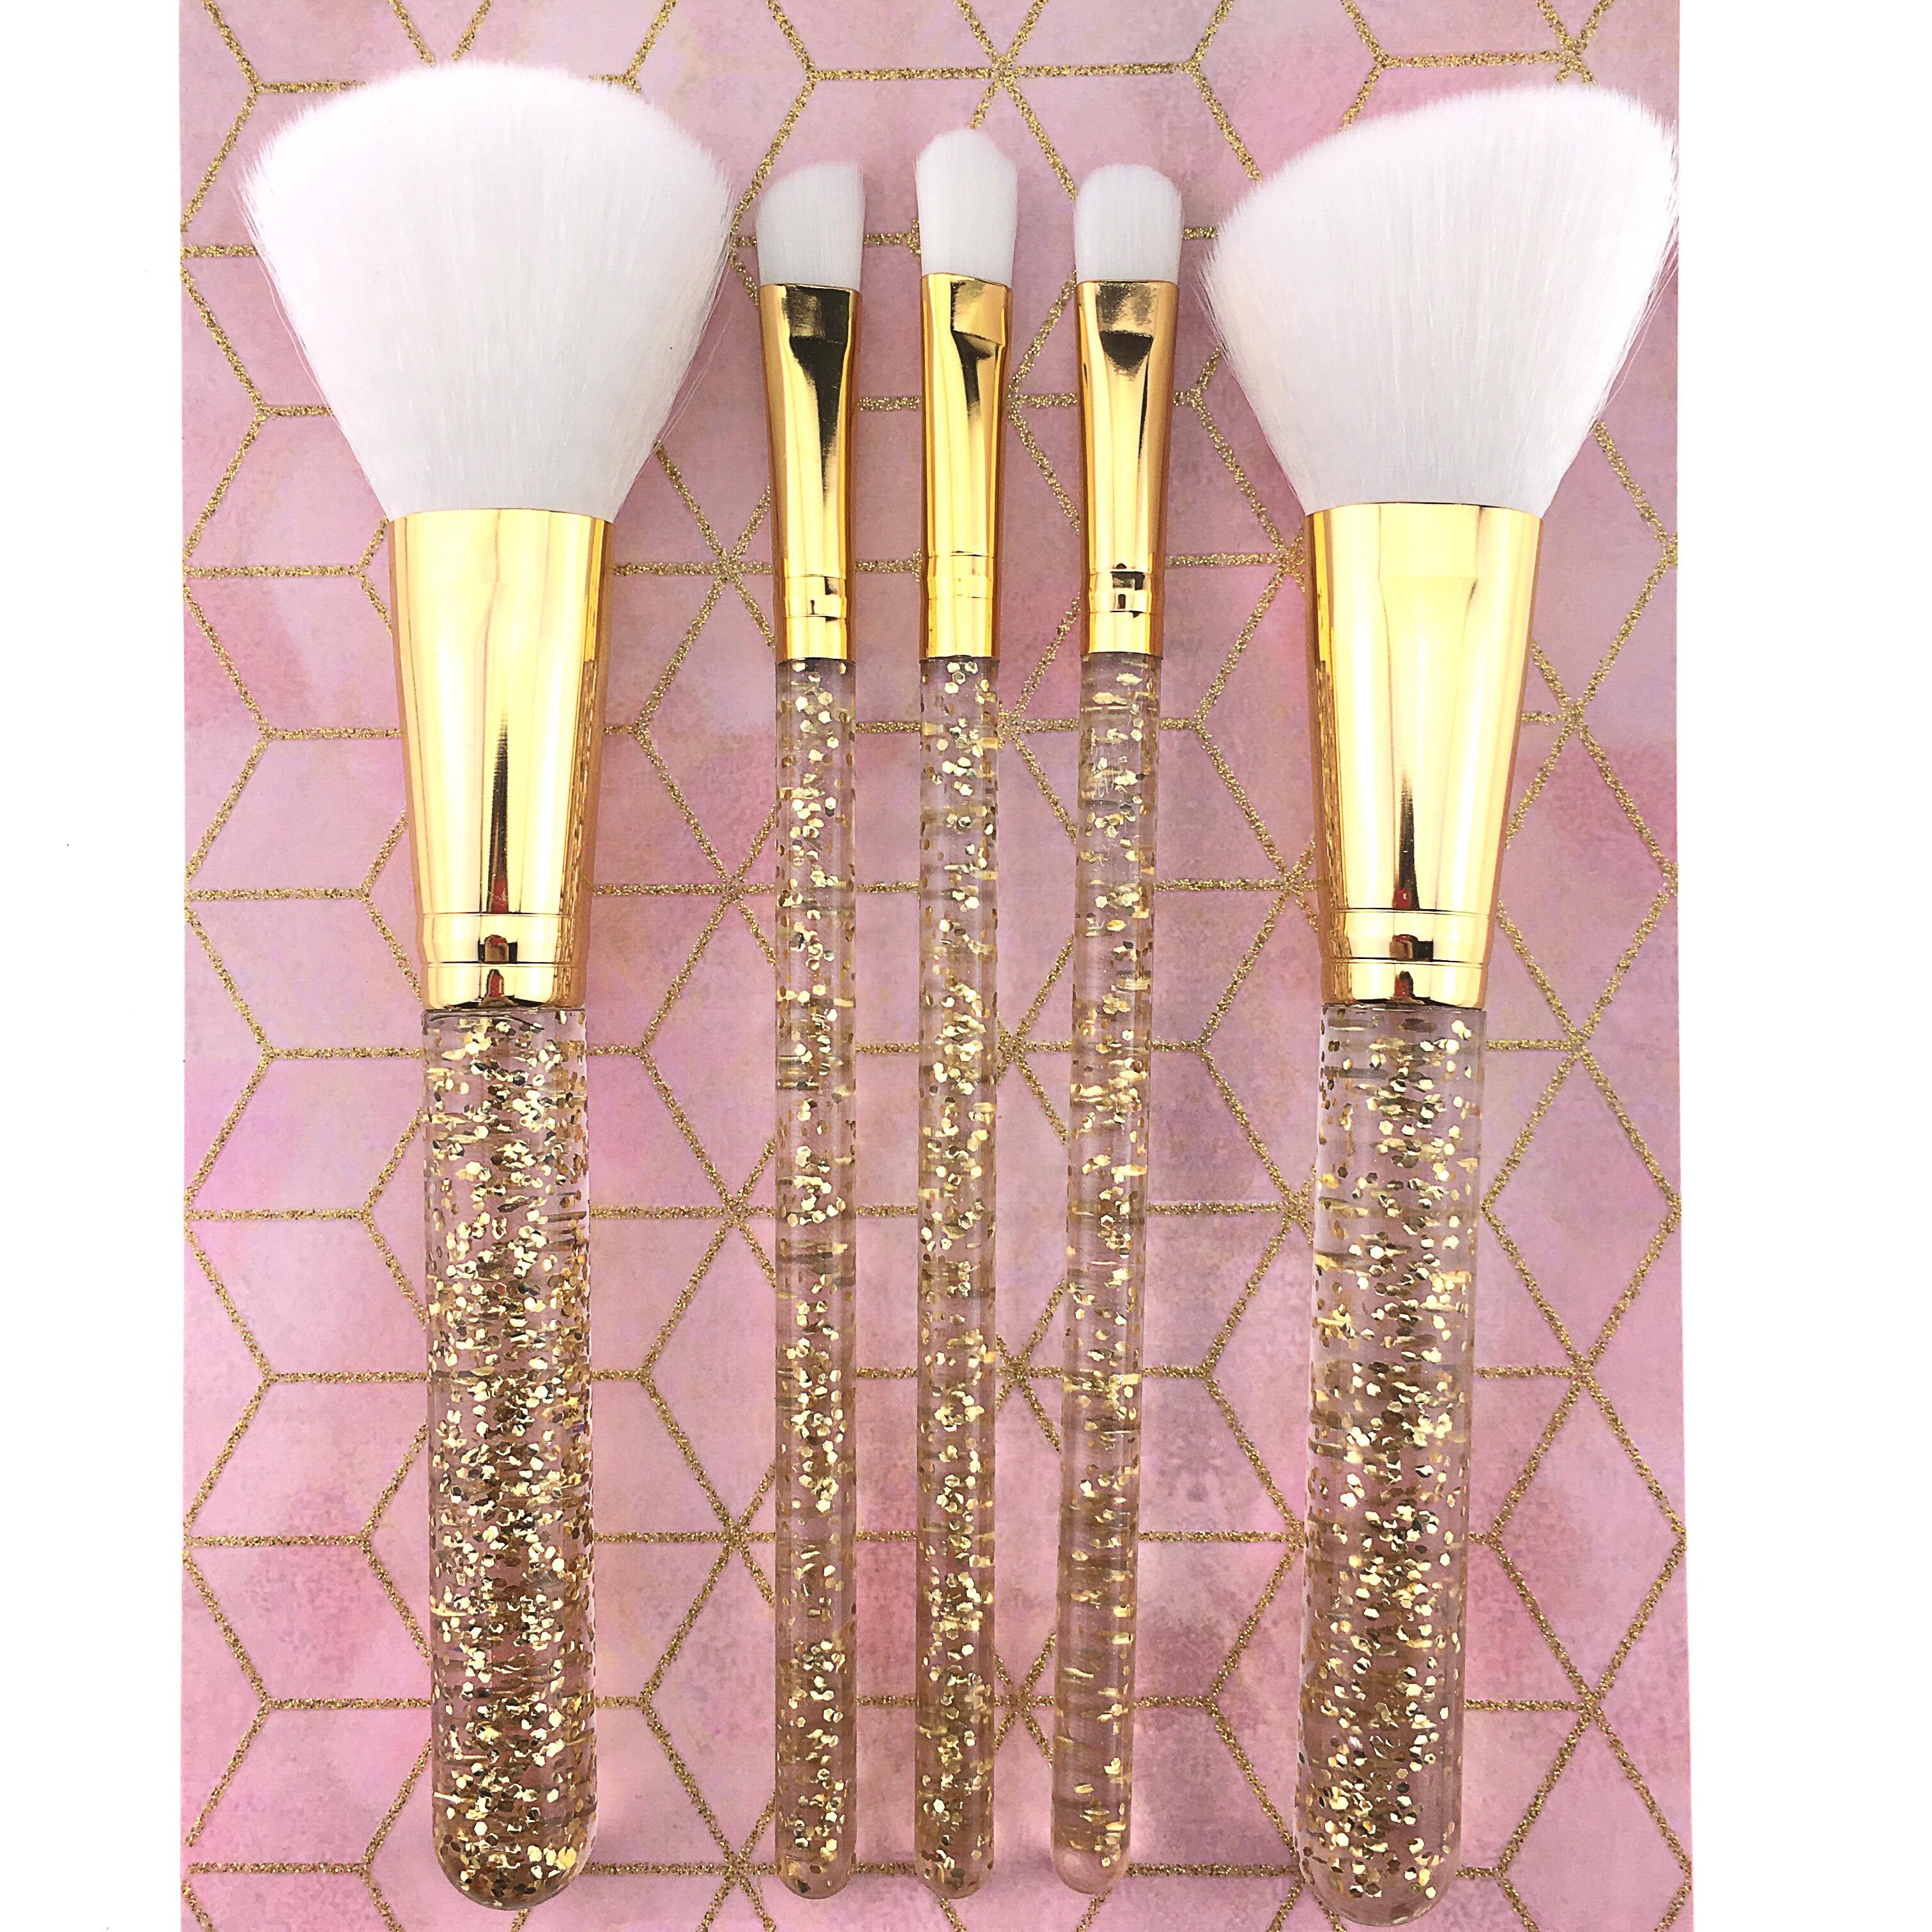 Private ярлык высокого качества нейлоновый блеск пластиковая ручка 5 шт набор кистей для макияжа Логотип роскошный набор розовое золото Косметическая кисть